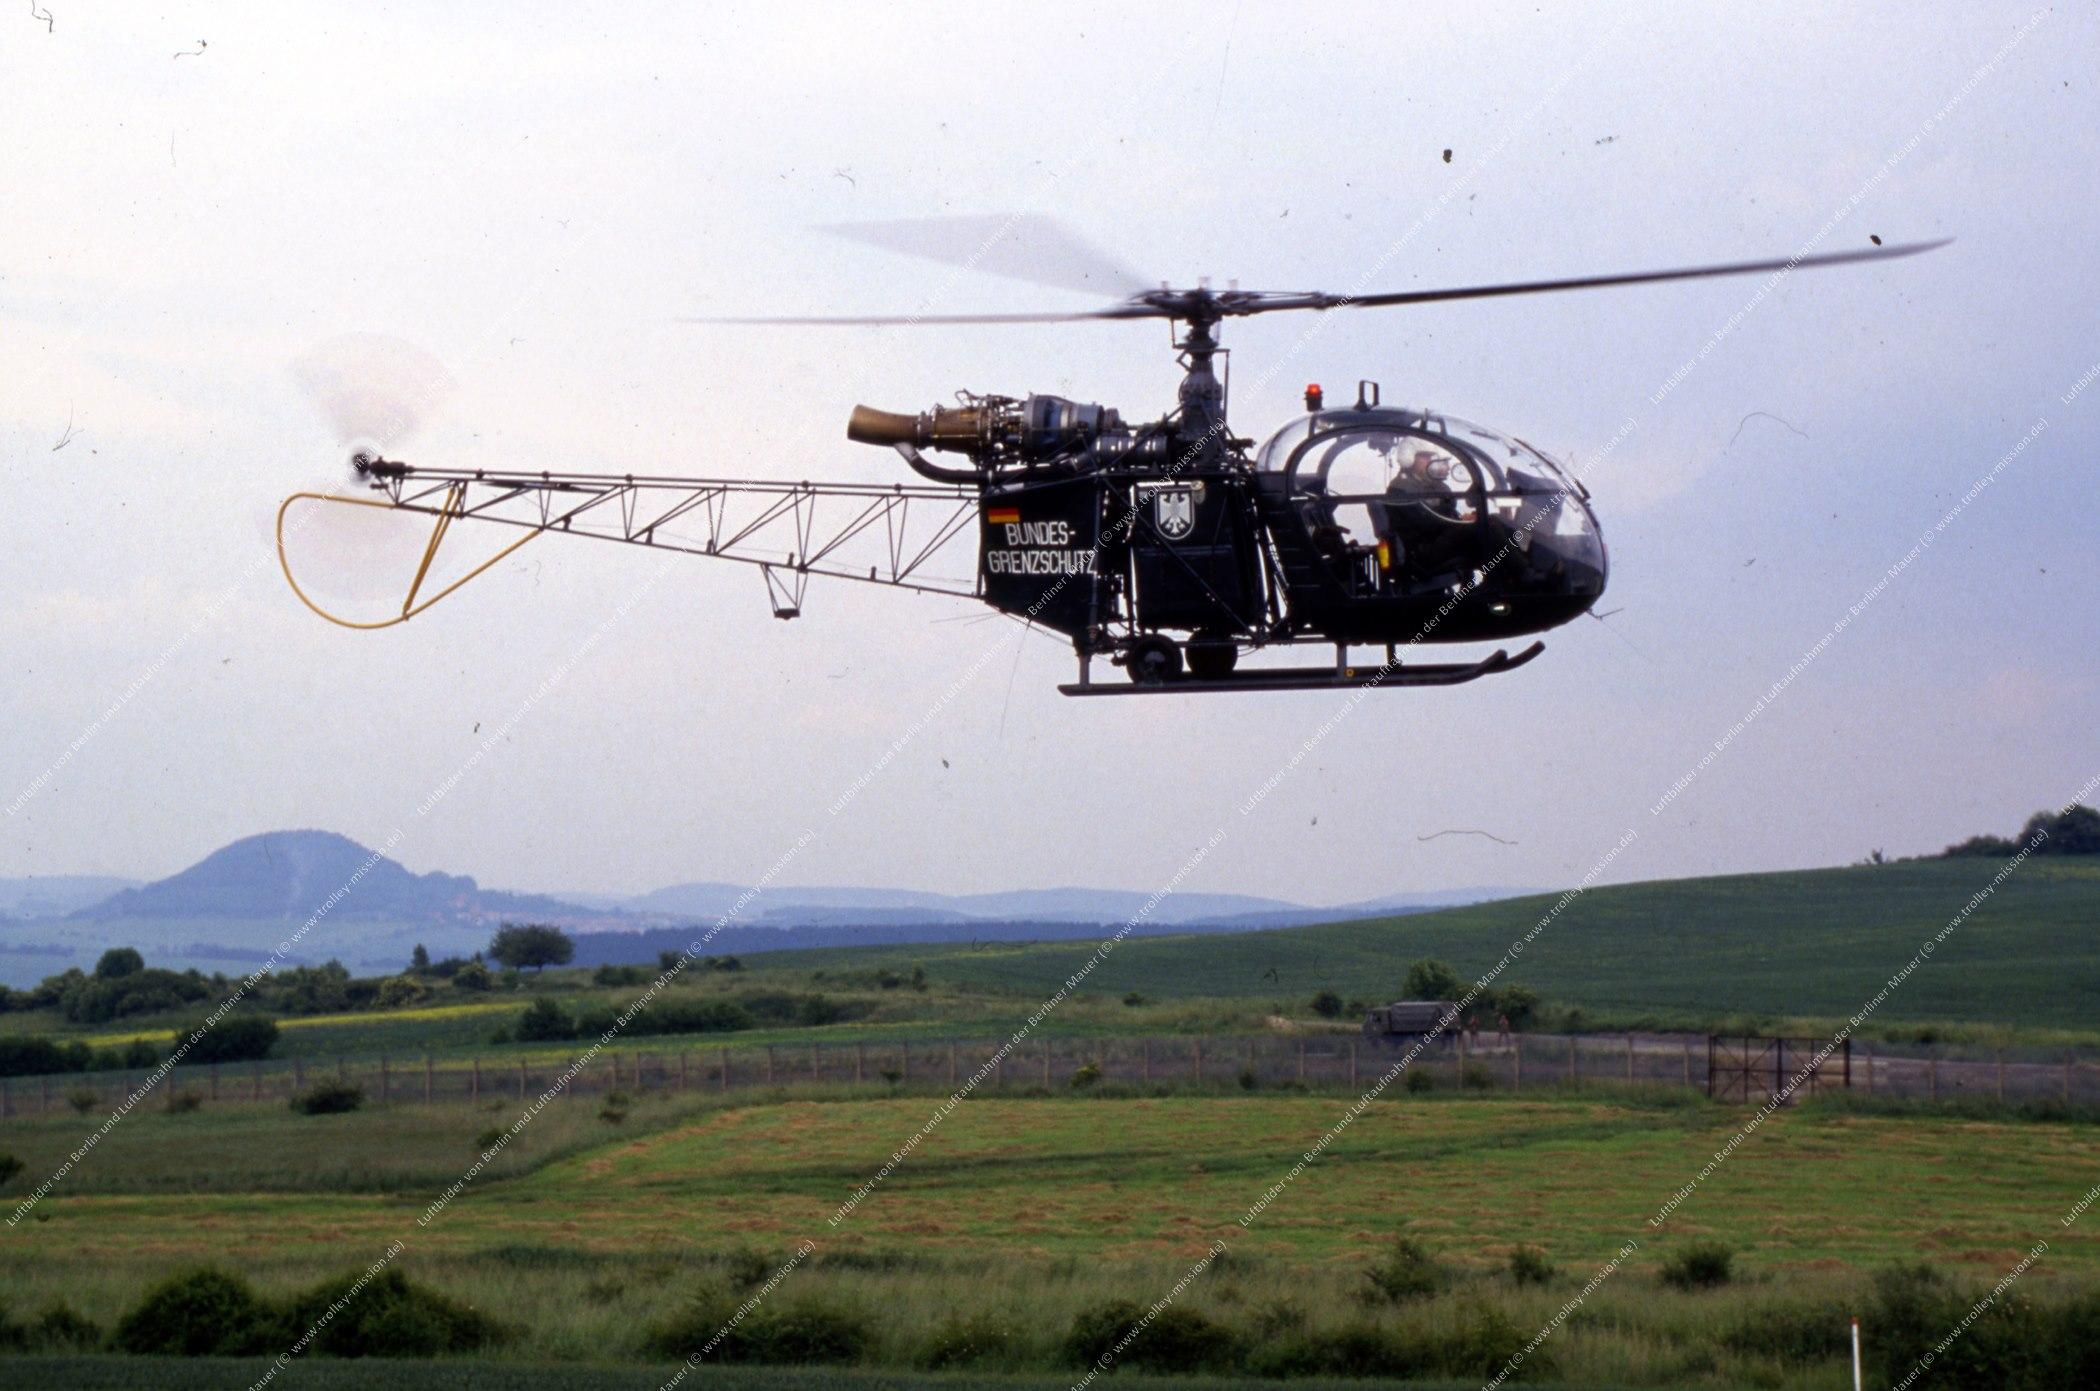 Vermutlich innerdeutsche Grenze (BRD/DDR) Hubschrauber und Bundesgrenzschutz (Bild 116)